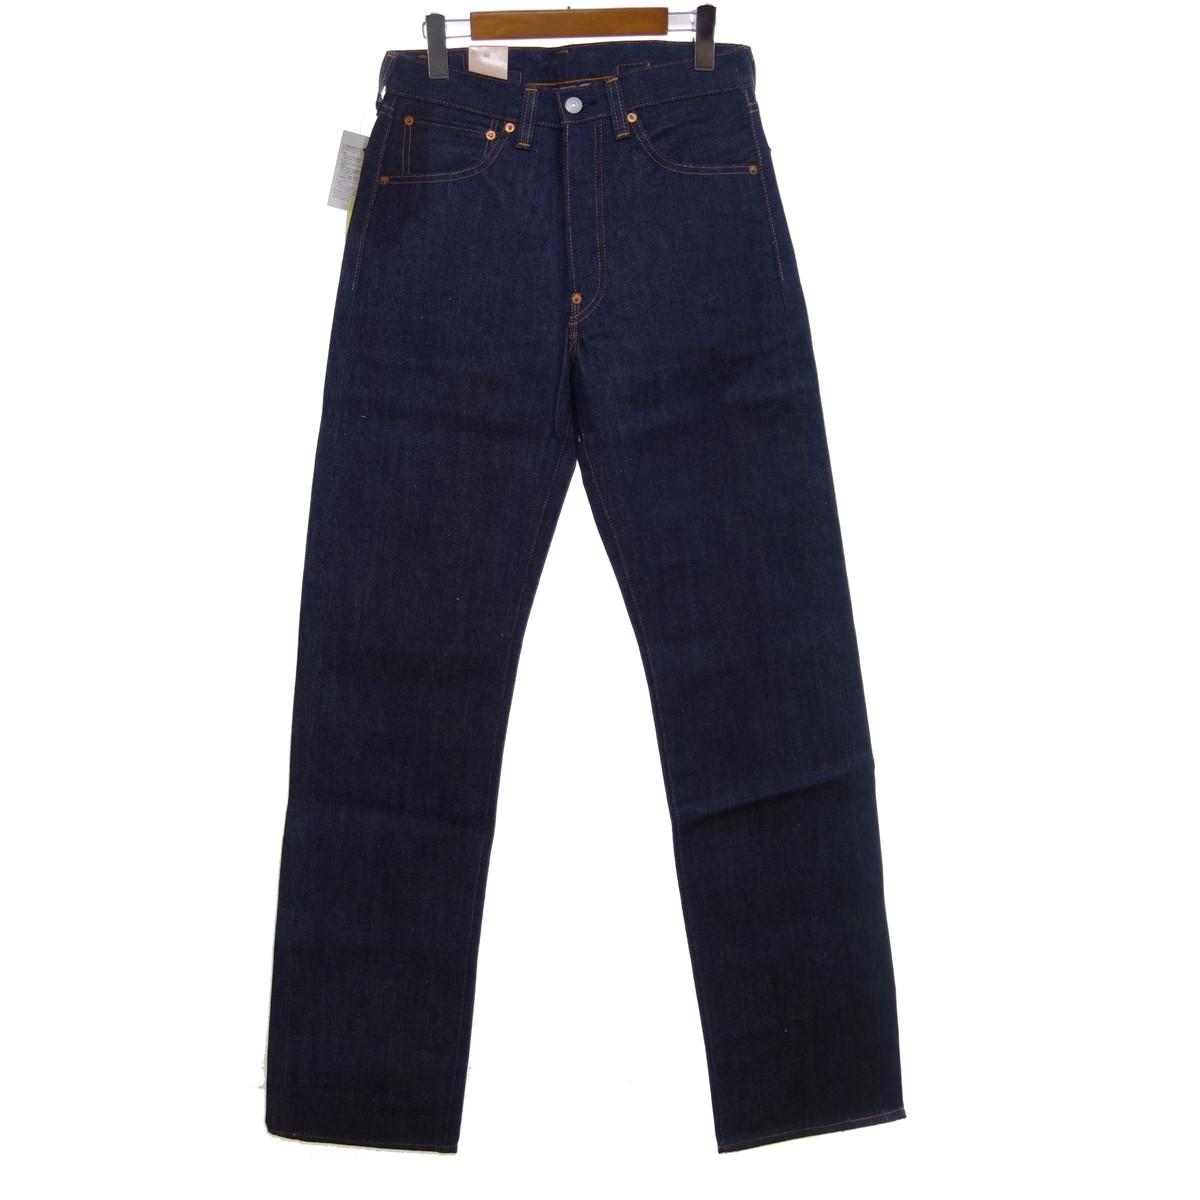 【中古】Levi's Vintage Clothing 1937年モデル デニムパンツ インディゴ サイズ:W31L36 【200420】(リーバイス ヴィンテージ クロージング)